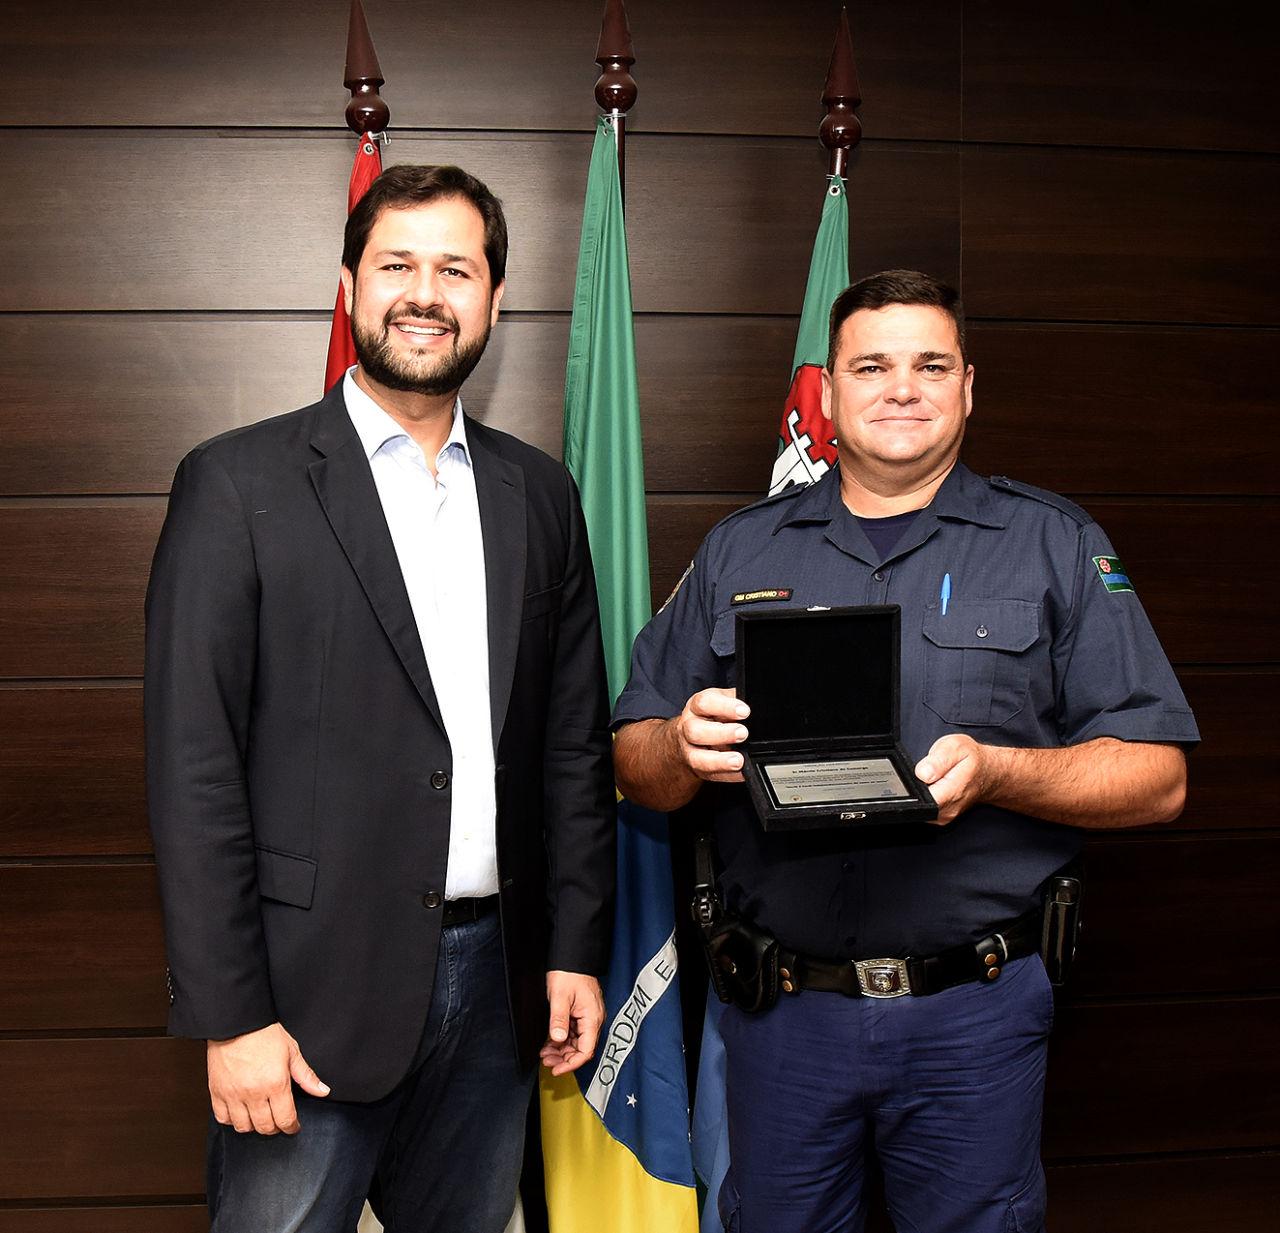 Foto posada do prefeito Luiz Fernando ao lado do GM